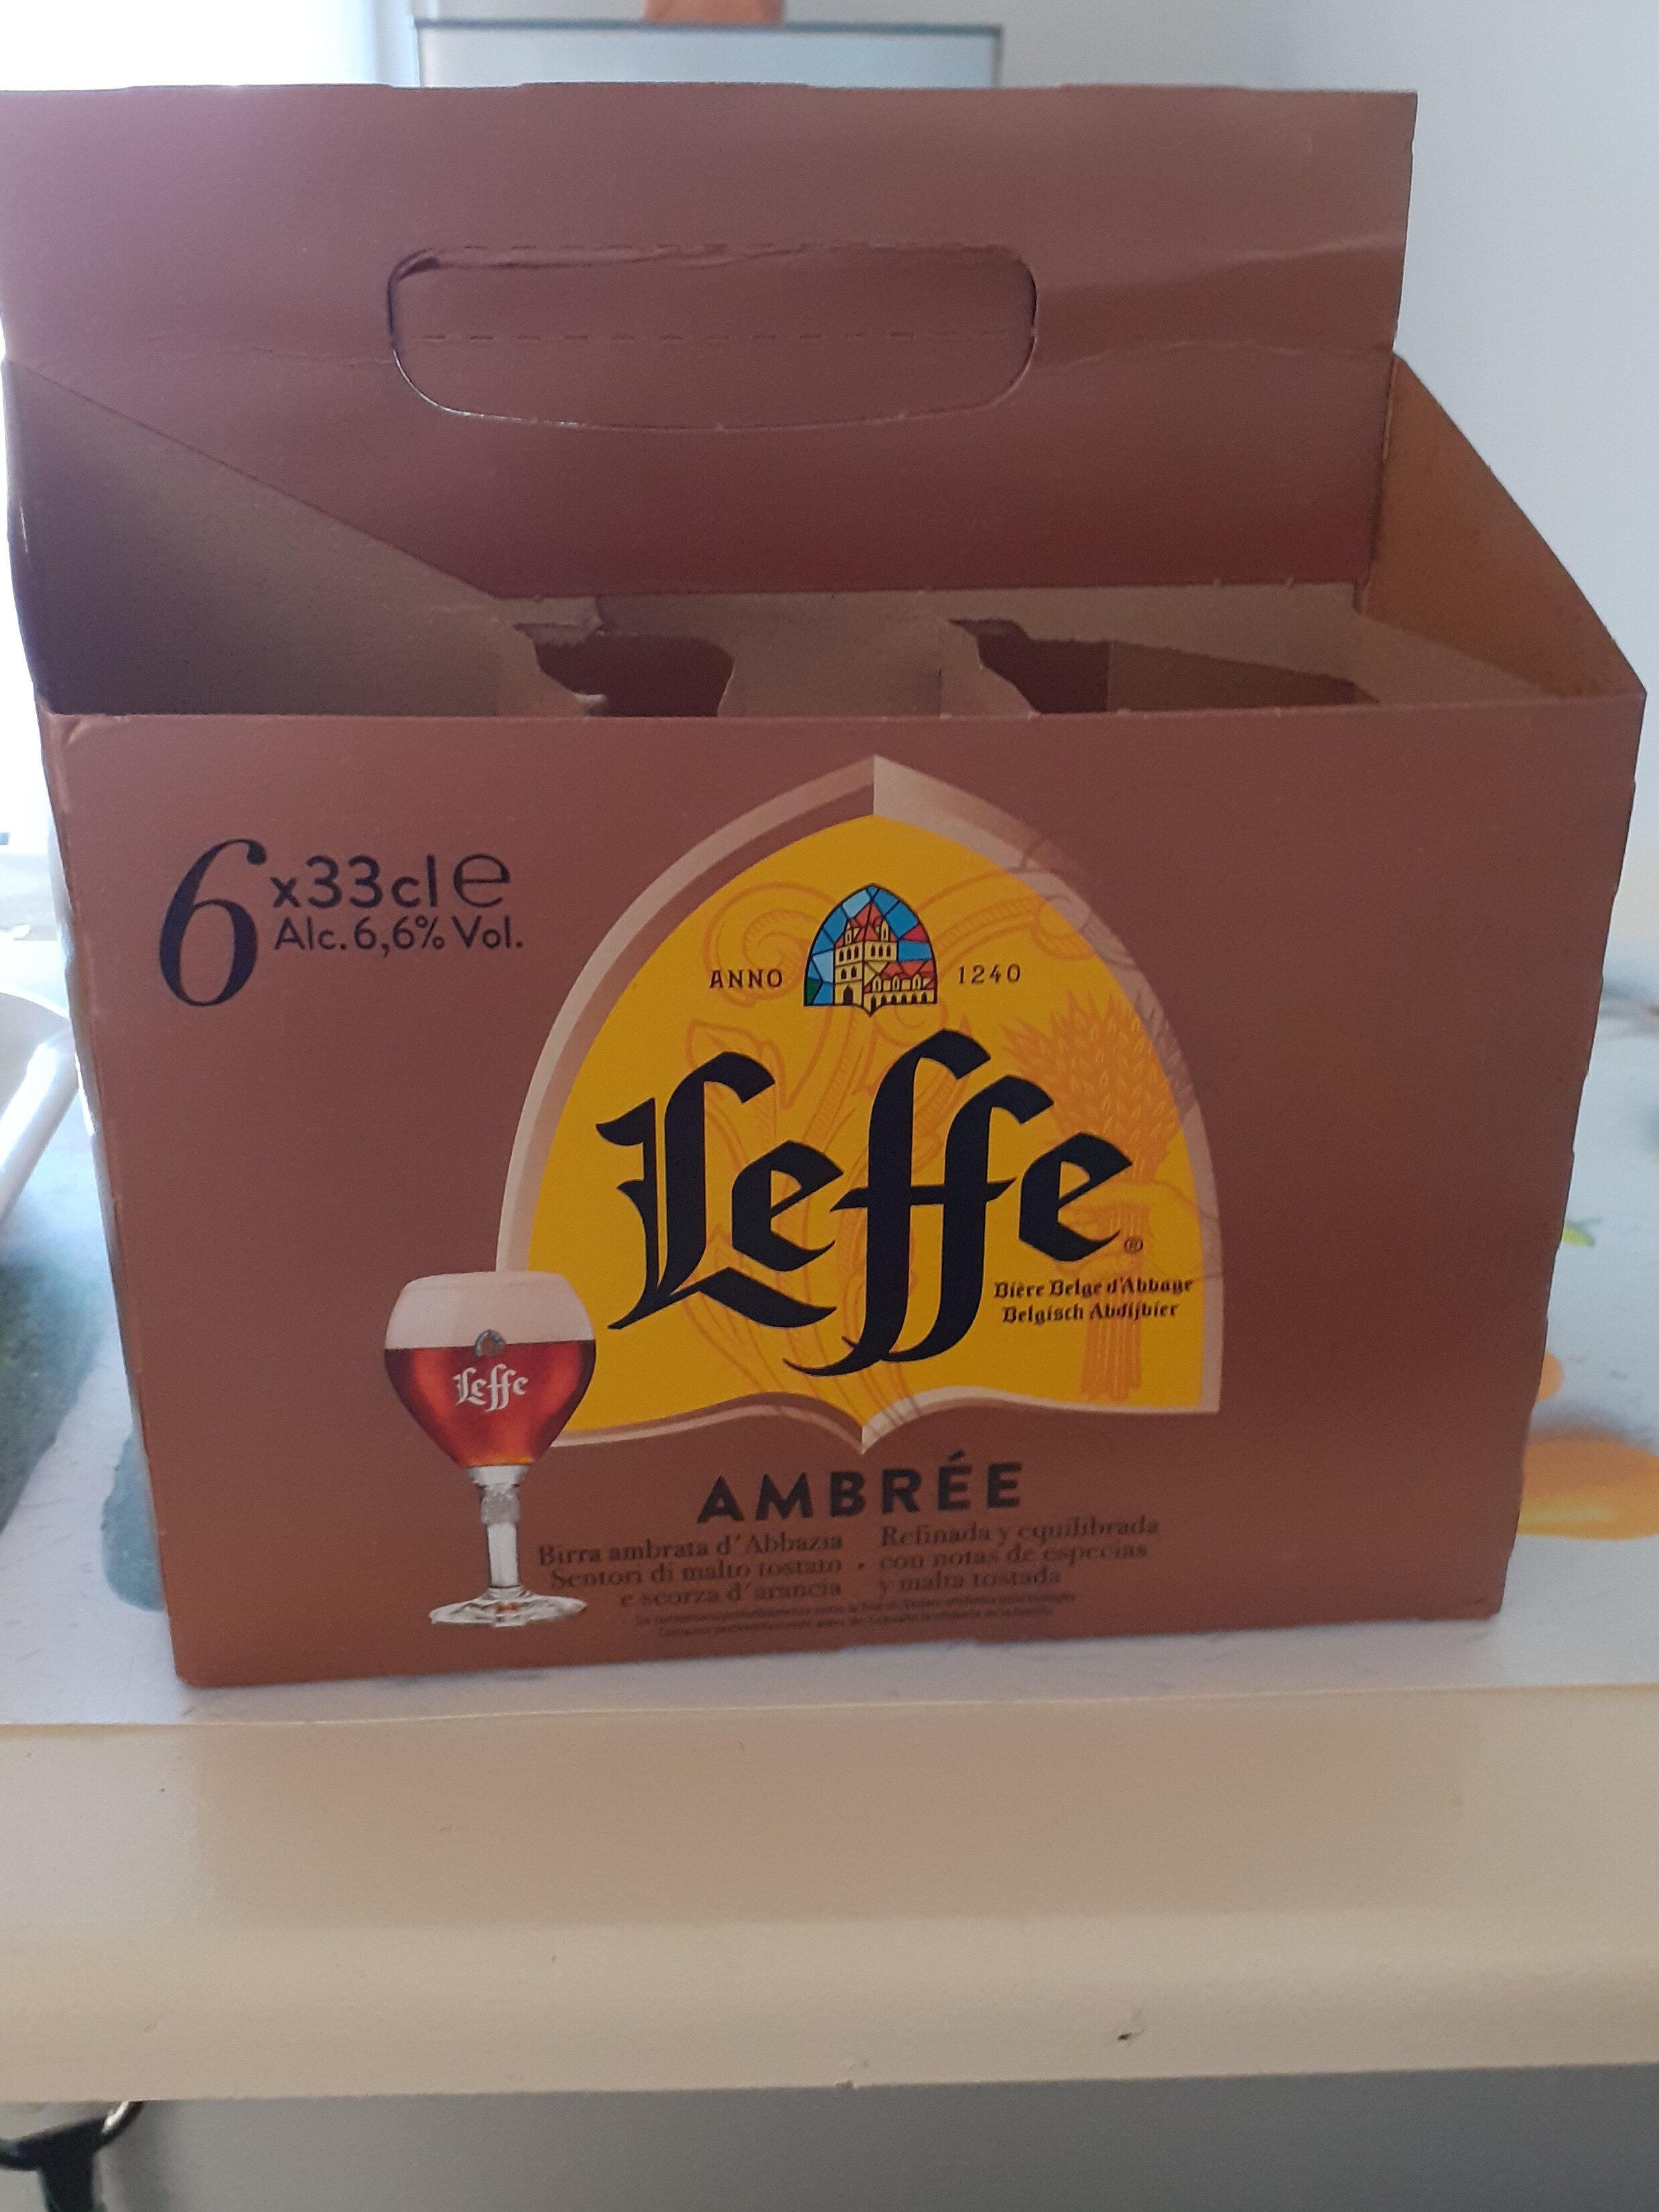 LEFFE Bière ambrée - Product - fr